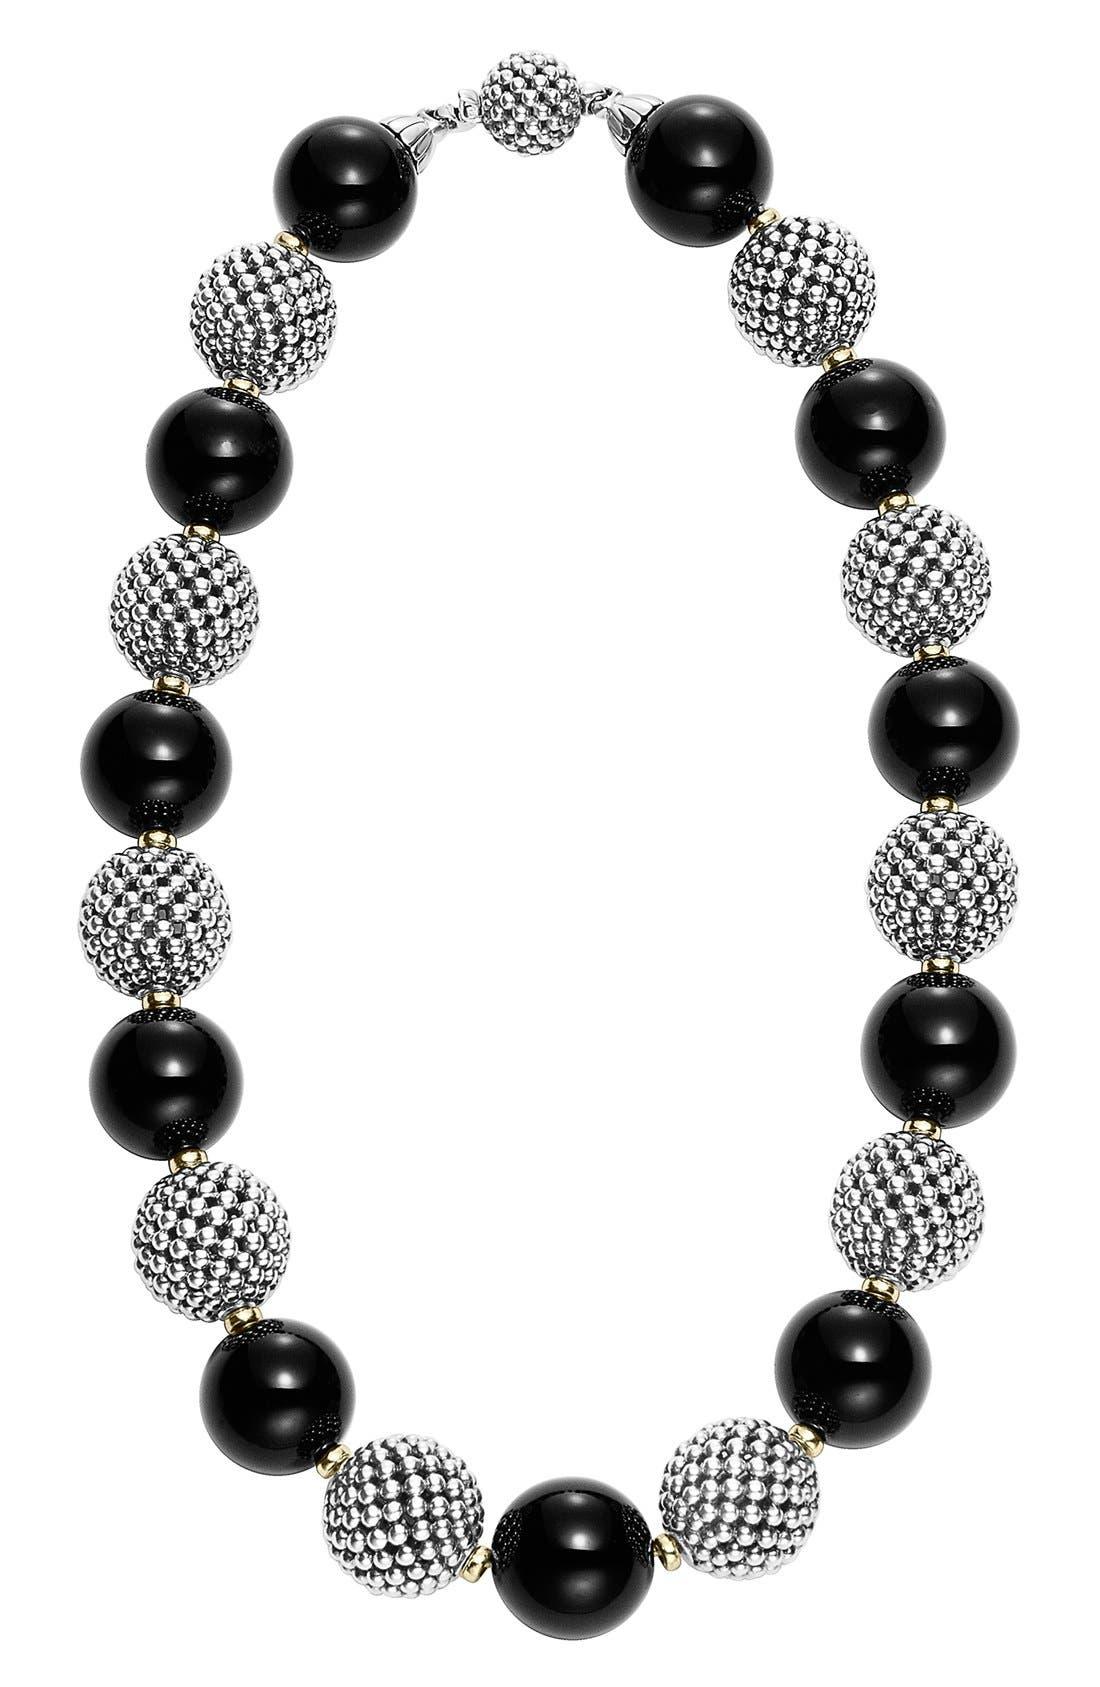 Main Image - LAGOS 'Black Caviar' Beaded Necklace